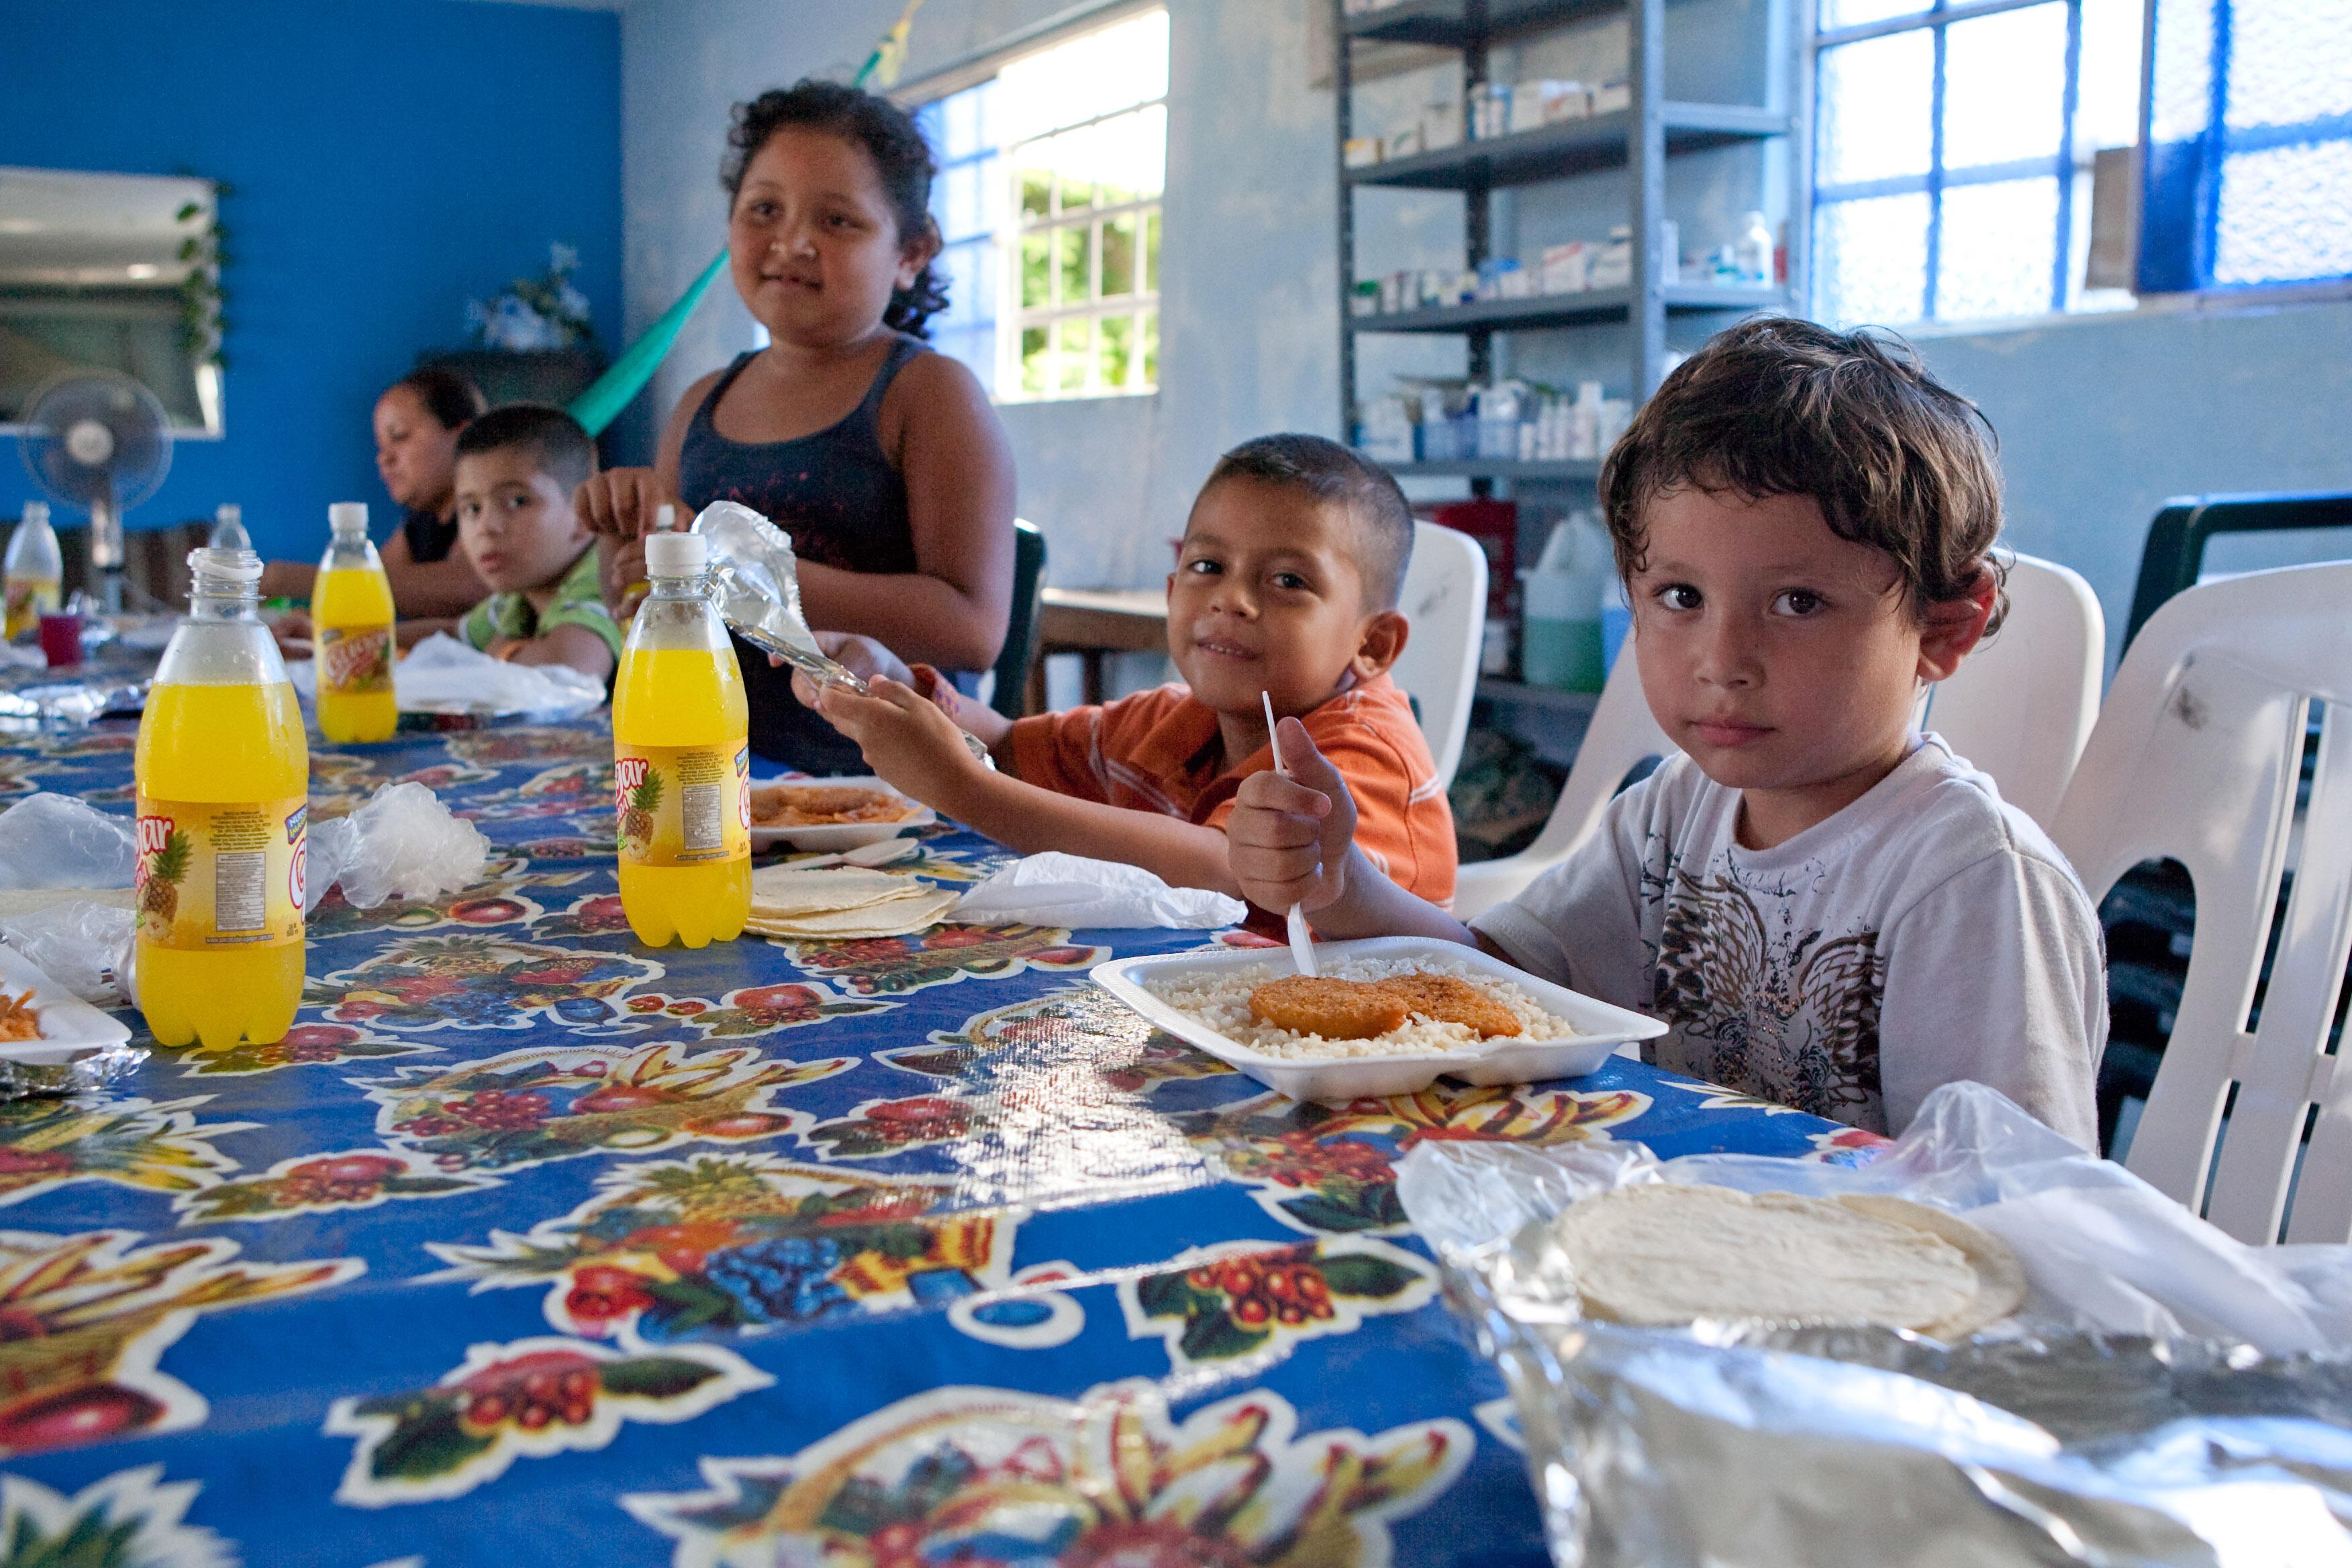 """25092018-TENOSIQUE, TABASCO, 24AGOSTO2011.-Migrantes provenientes de Guatemala, El Salvador y Honduras son atendidos en la """"Casa del Migrante el 72"""", donde les proveen de alientos, medicamentos, ropa y un espacio donde descansar; lo anterior en su caminata por este país para concluir su sueño americano en los Estados Unidos. En este grupo de centroamericanos llegaron infantes, mujeres embarazadas y ancianos denunciando que en su recorrido tuvieron que resguardarse entre las veredas montañosas ya que se percataron que un numeroso de personas armadas en varias camionetas intentaban secuestrarlos. FOTO: MARCO POLO GUZMÁN HERNÁNDEZ/CUARTOSCURO.COM"""